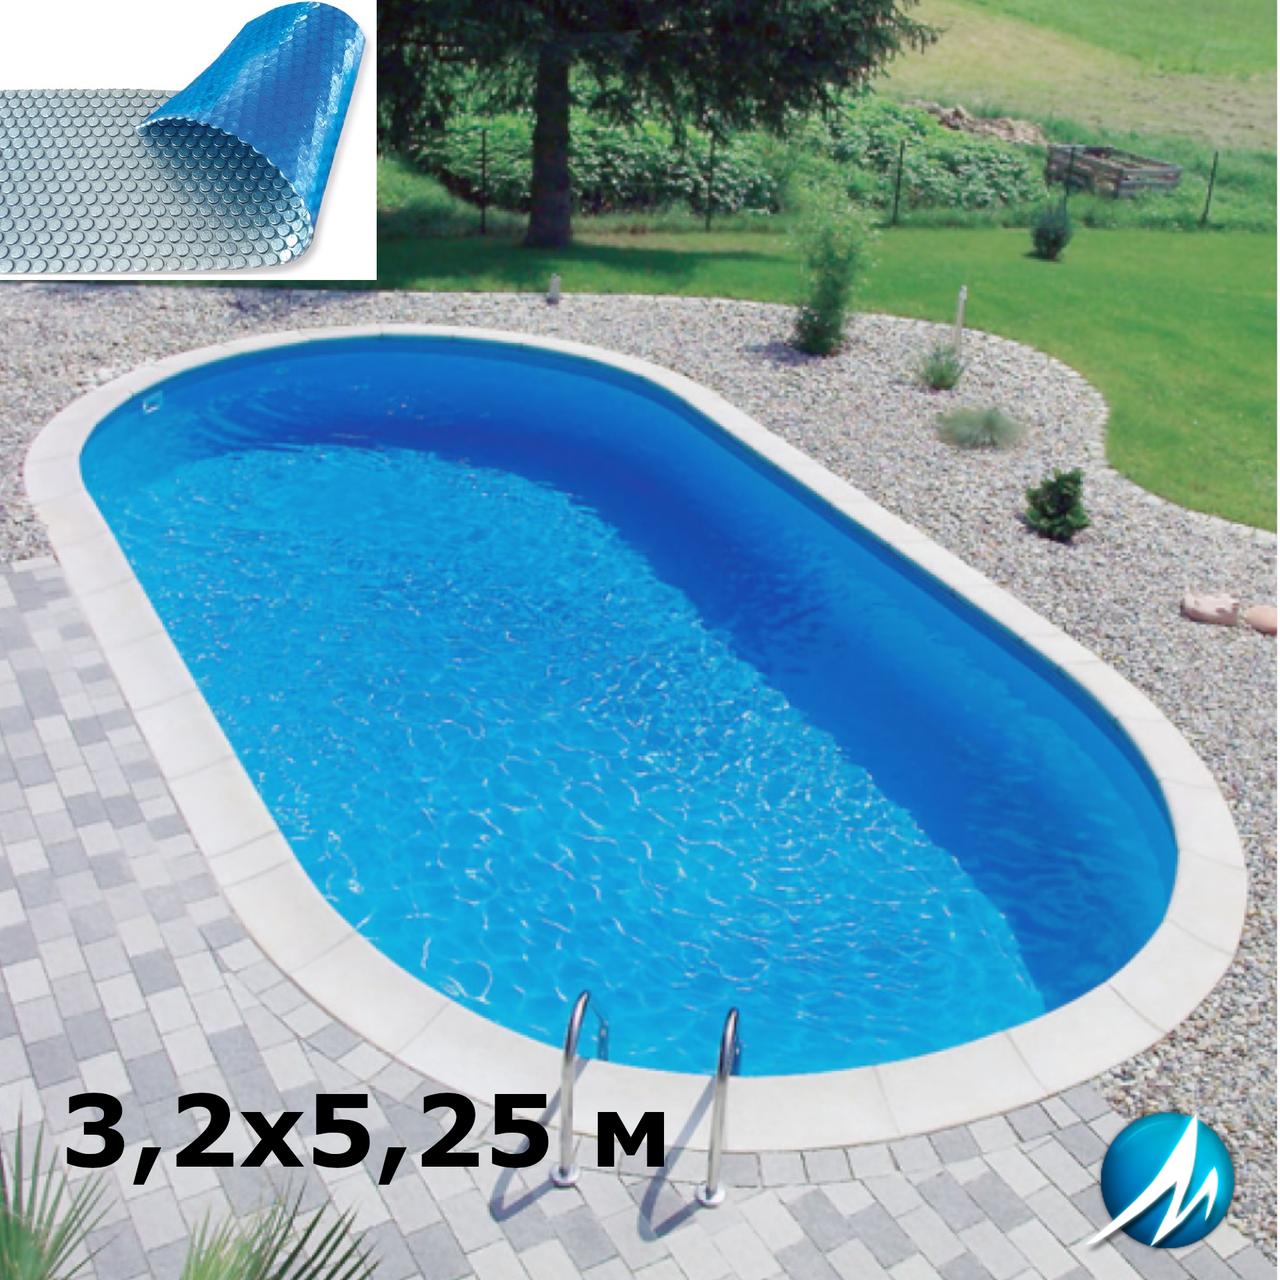 Солярне накриття для зборного овального басейну 3,2х5,25 м